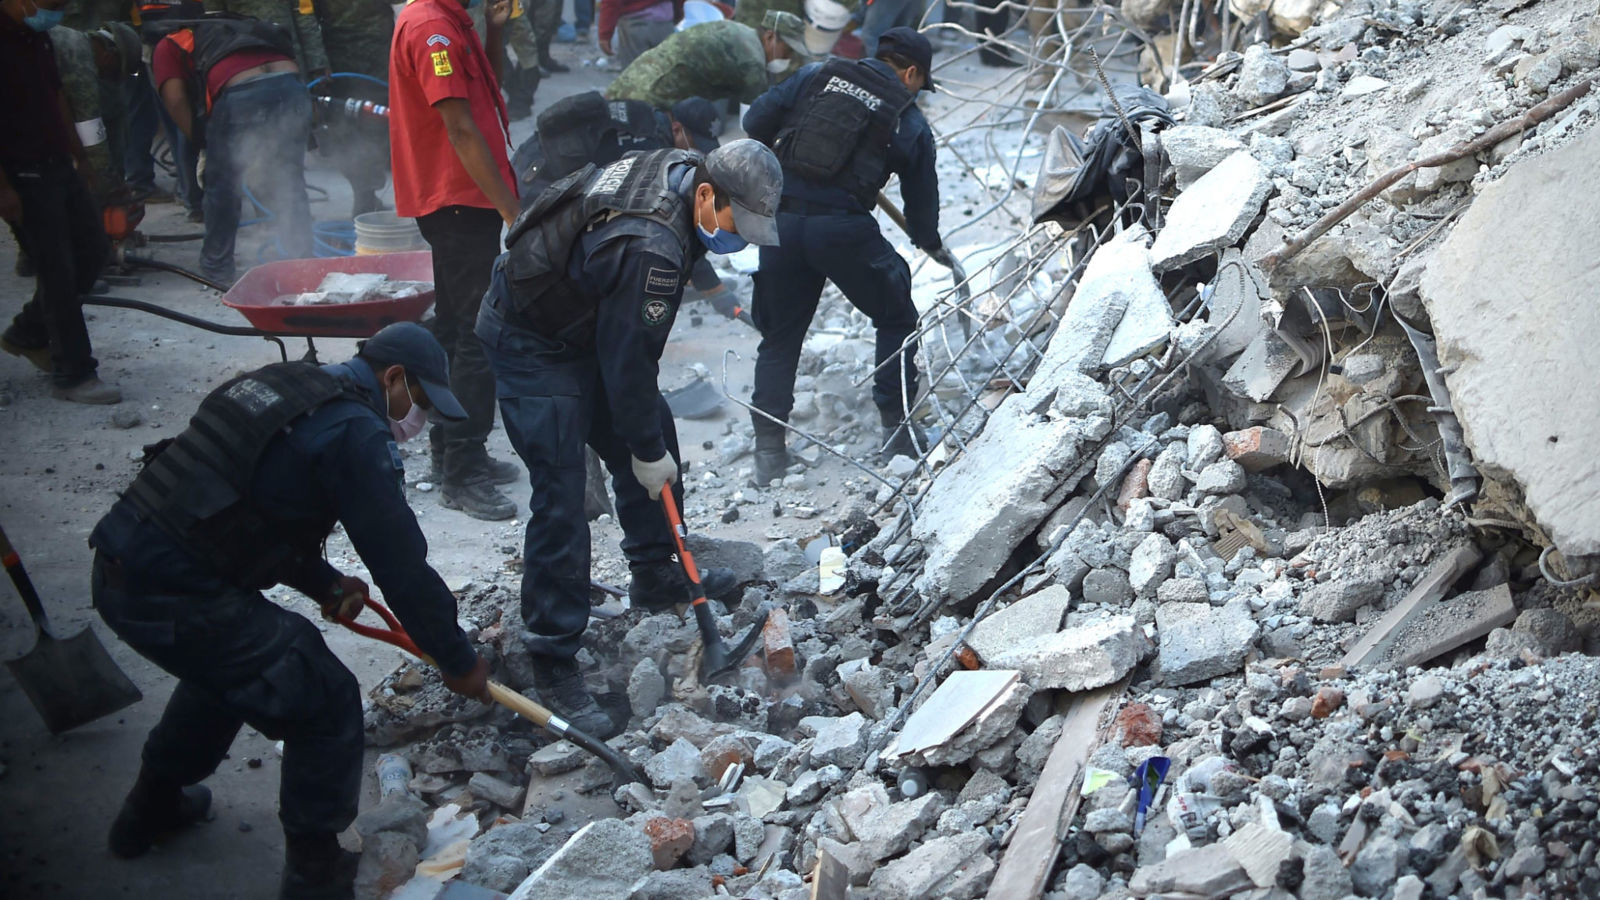 Les secouristes, les pompiers, les policiers, les soldats et les volontaires enlèvent les débris et les débris d'un bâtiment aplati